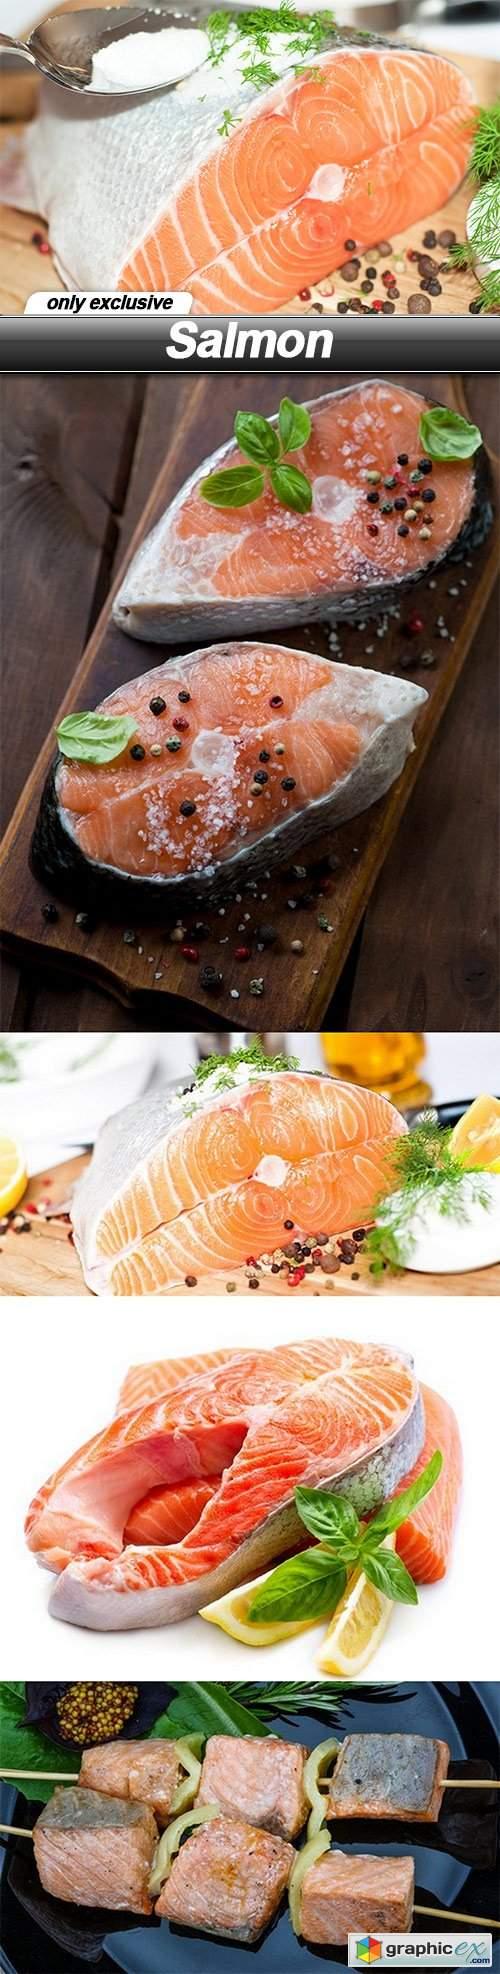 Salmon - 5 UHQ JPEG